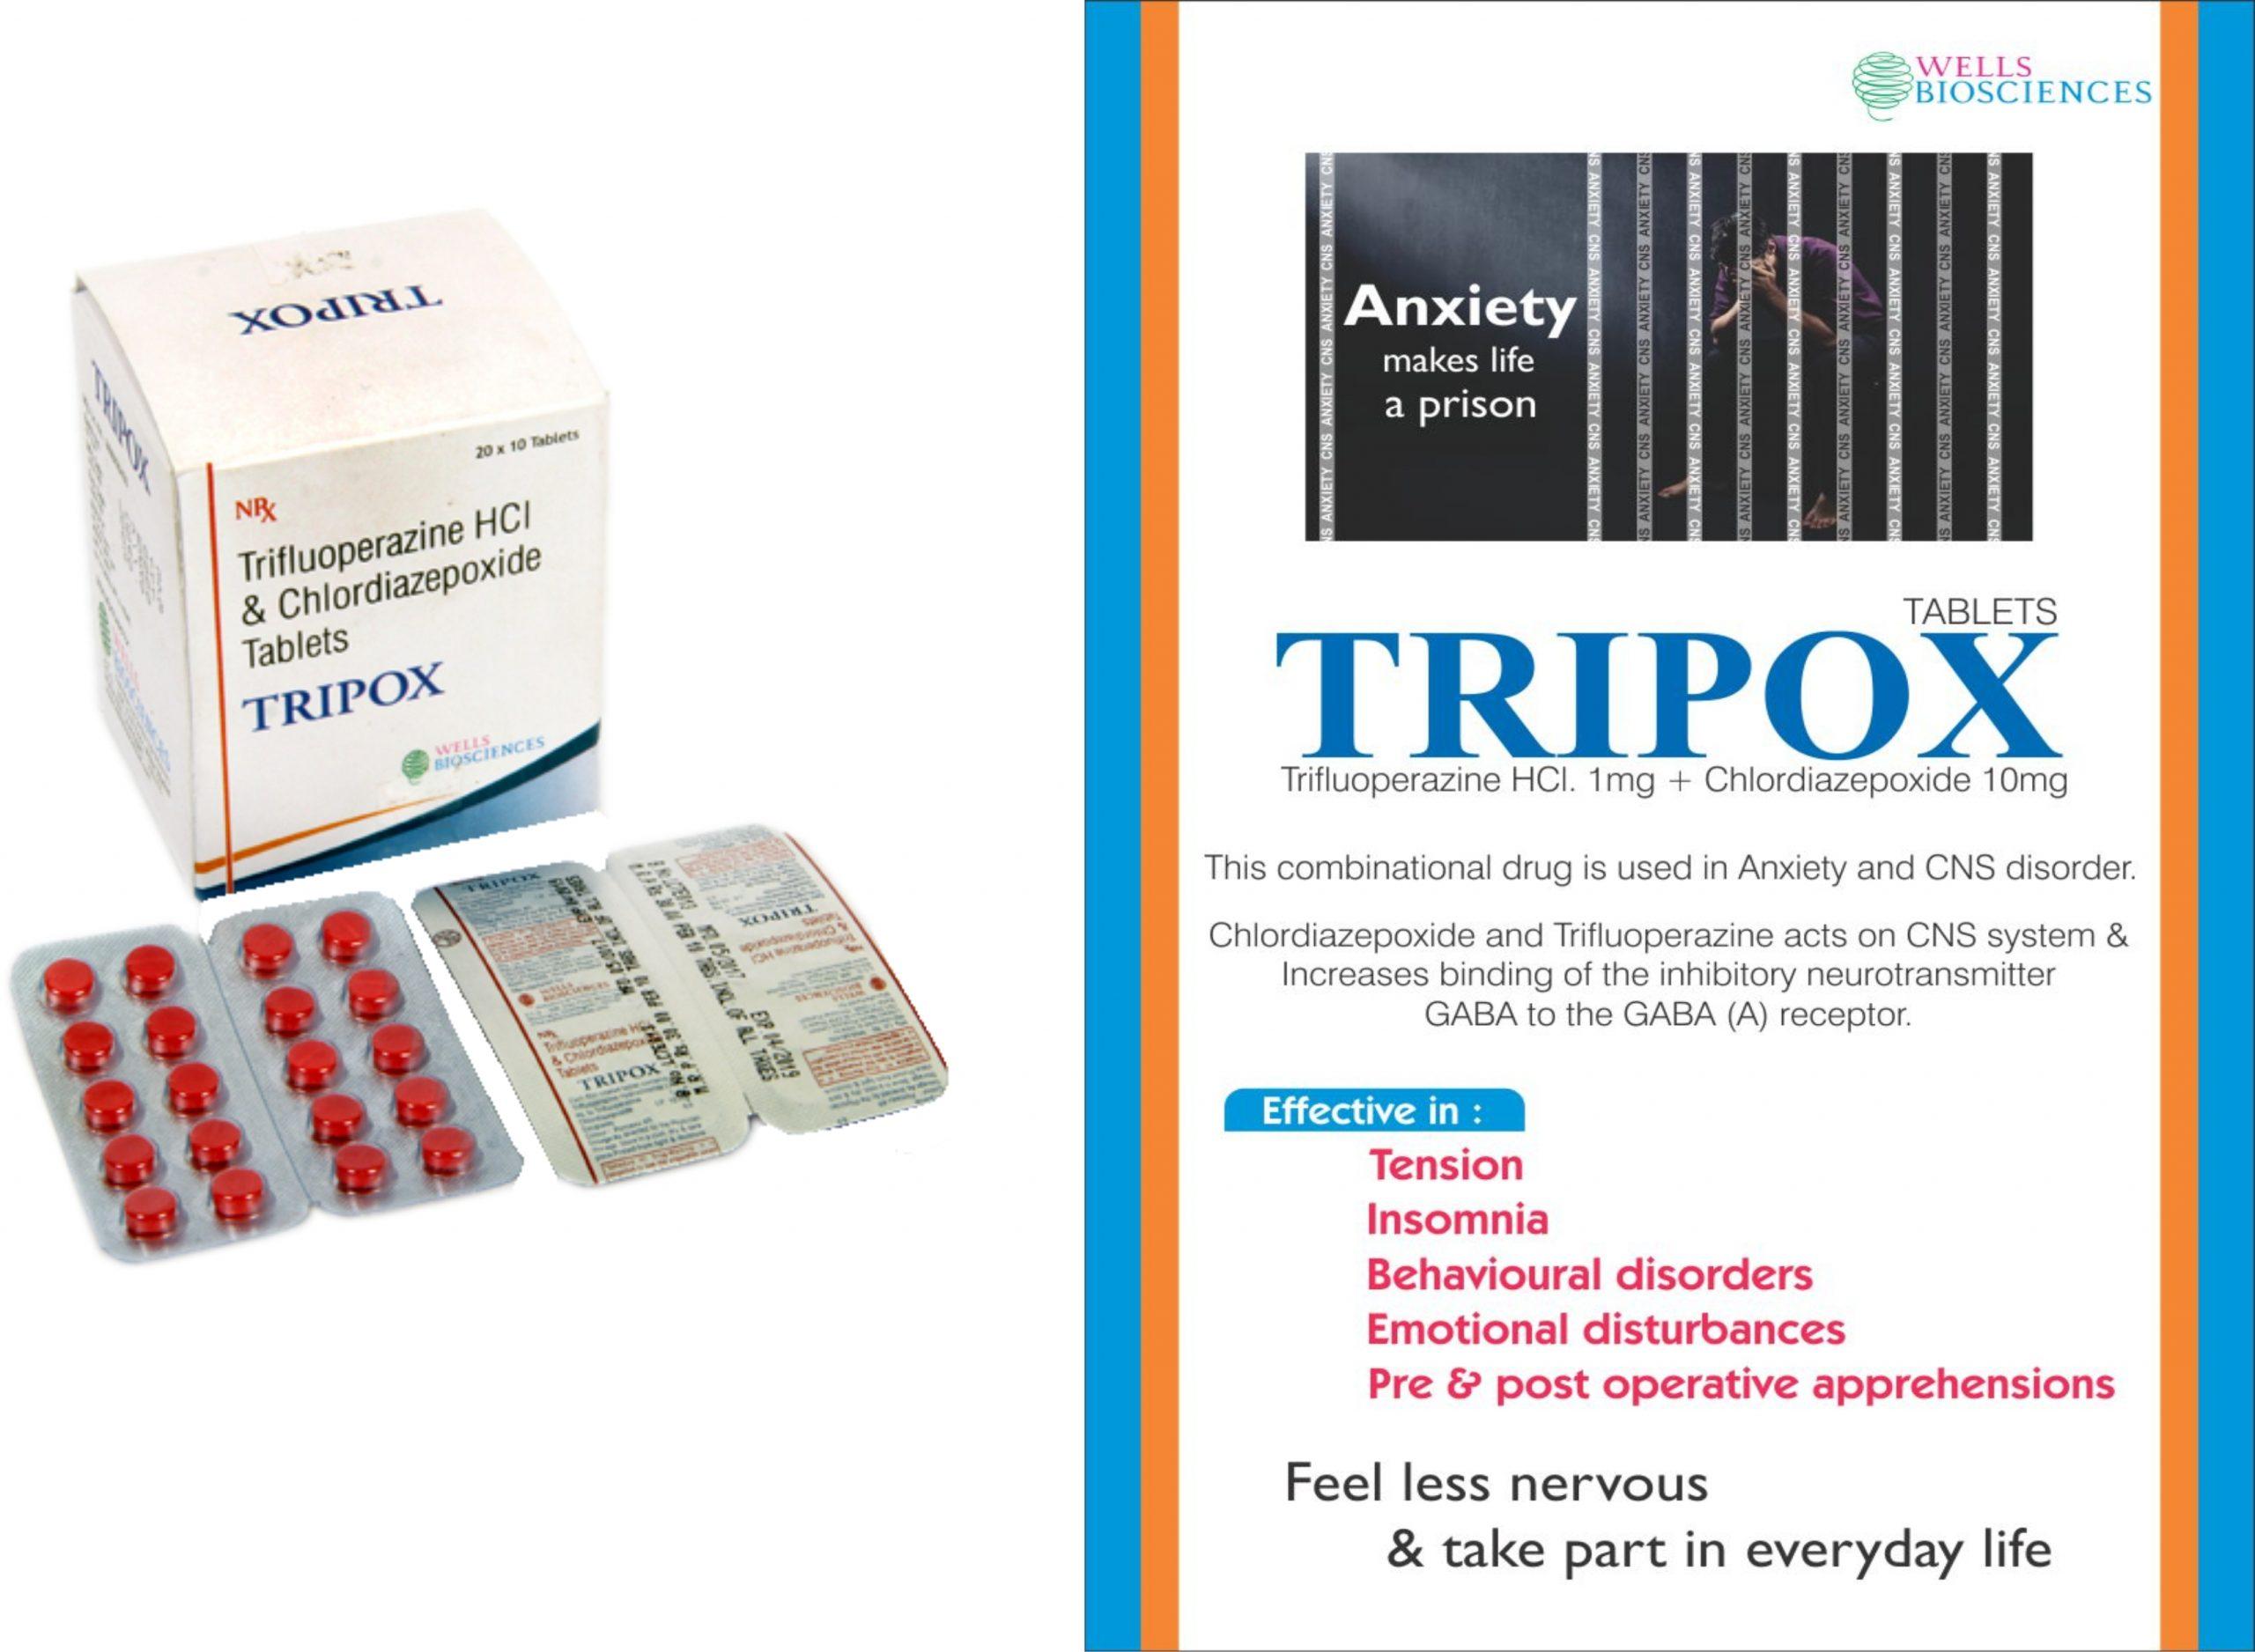 TRIPOX TAB